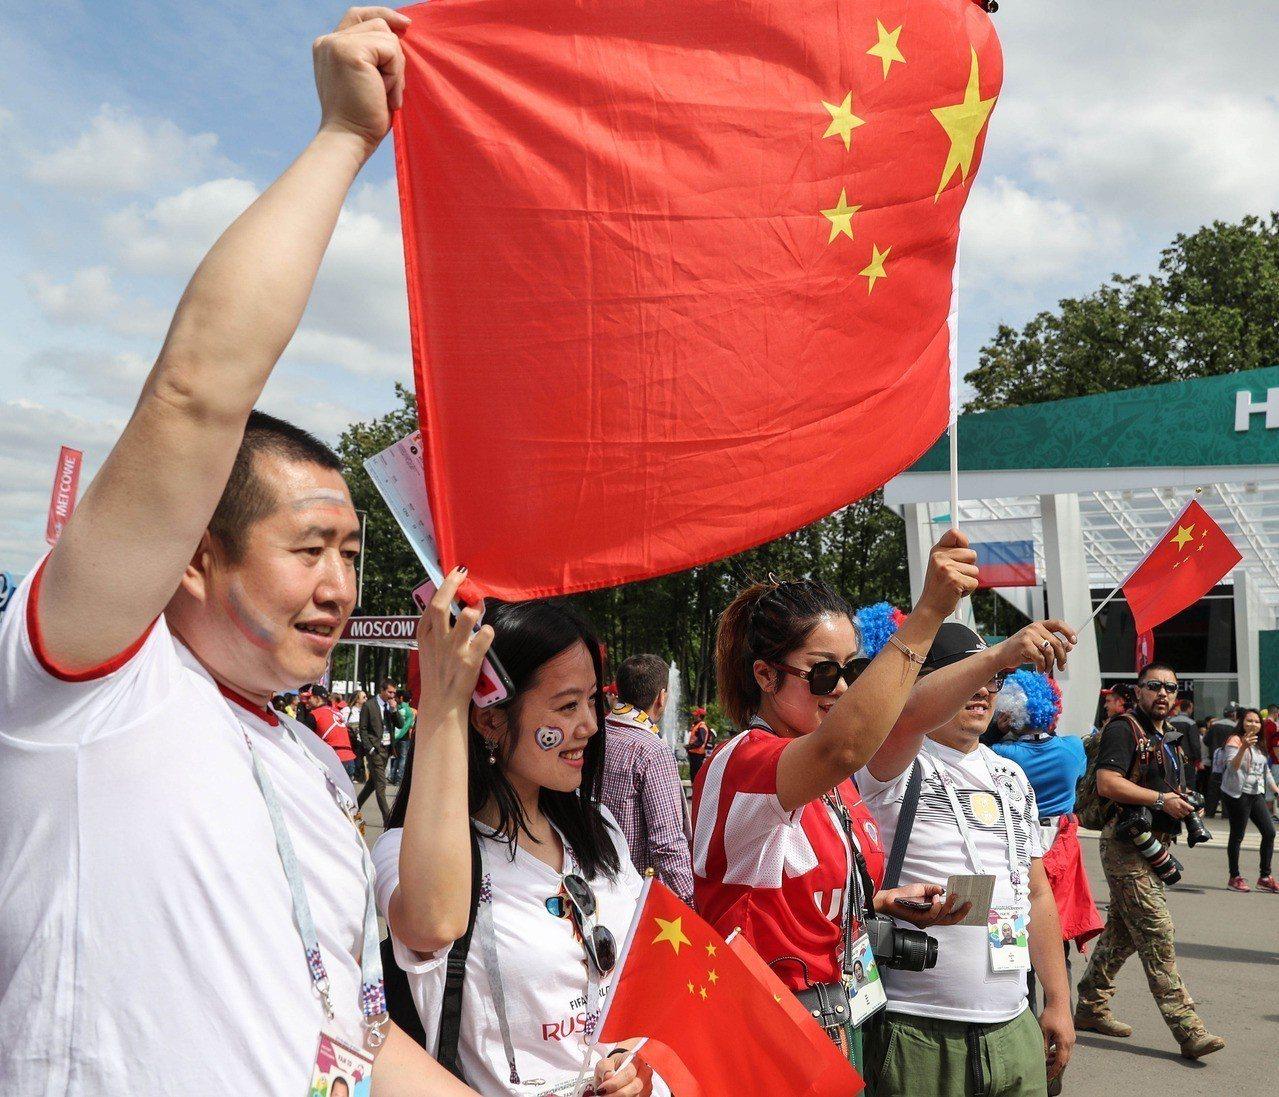 6月14日俄羅斯世界盃足球賽在莫斯科舉行開戰幕,來自中國大陸的球迷在球場外合影。...